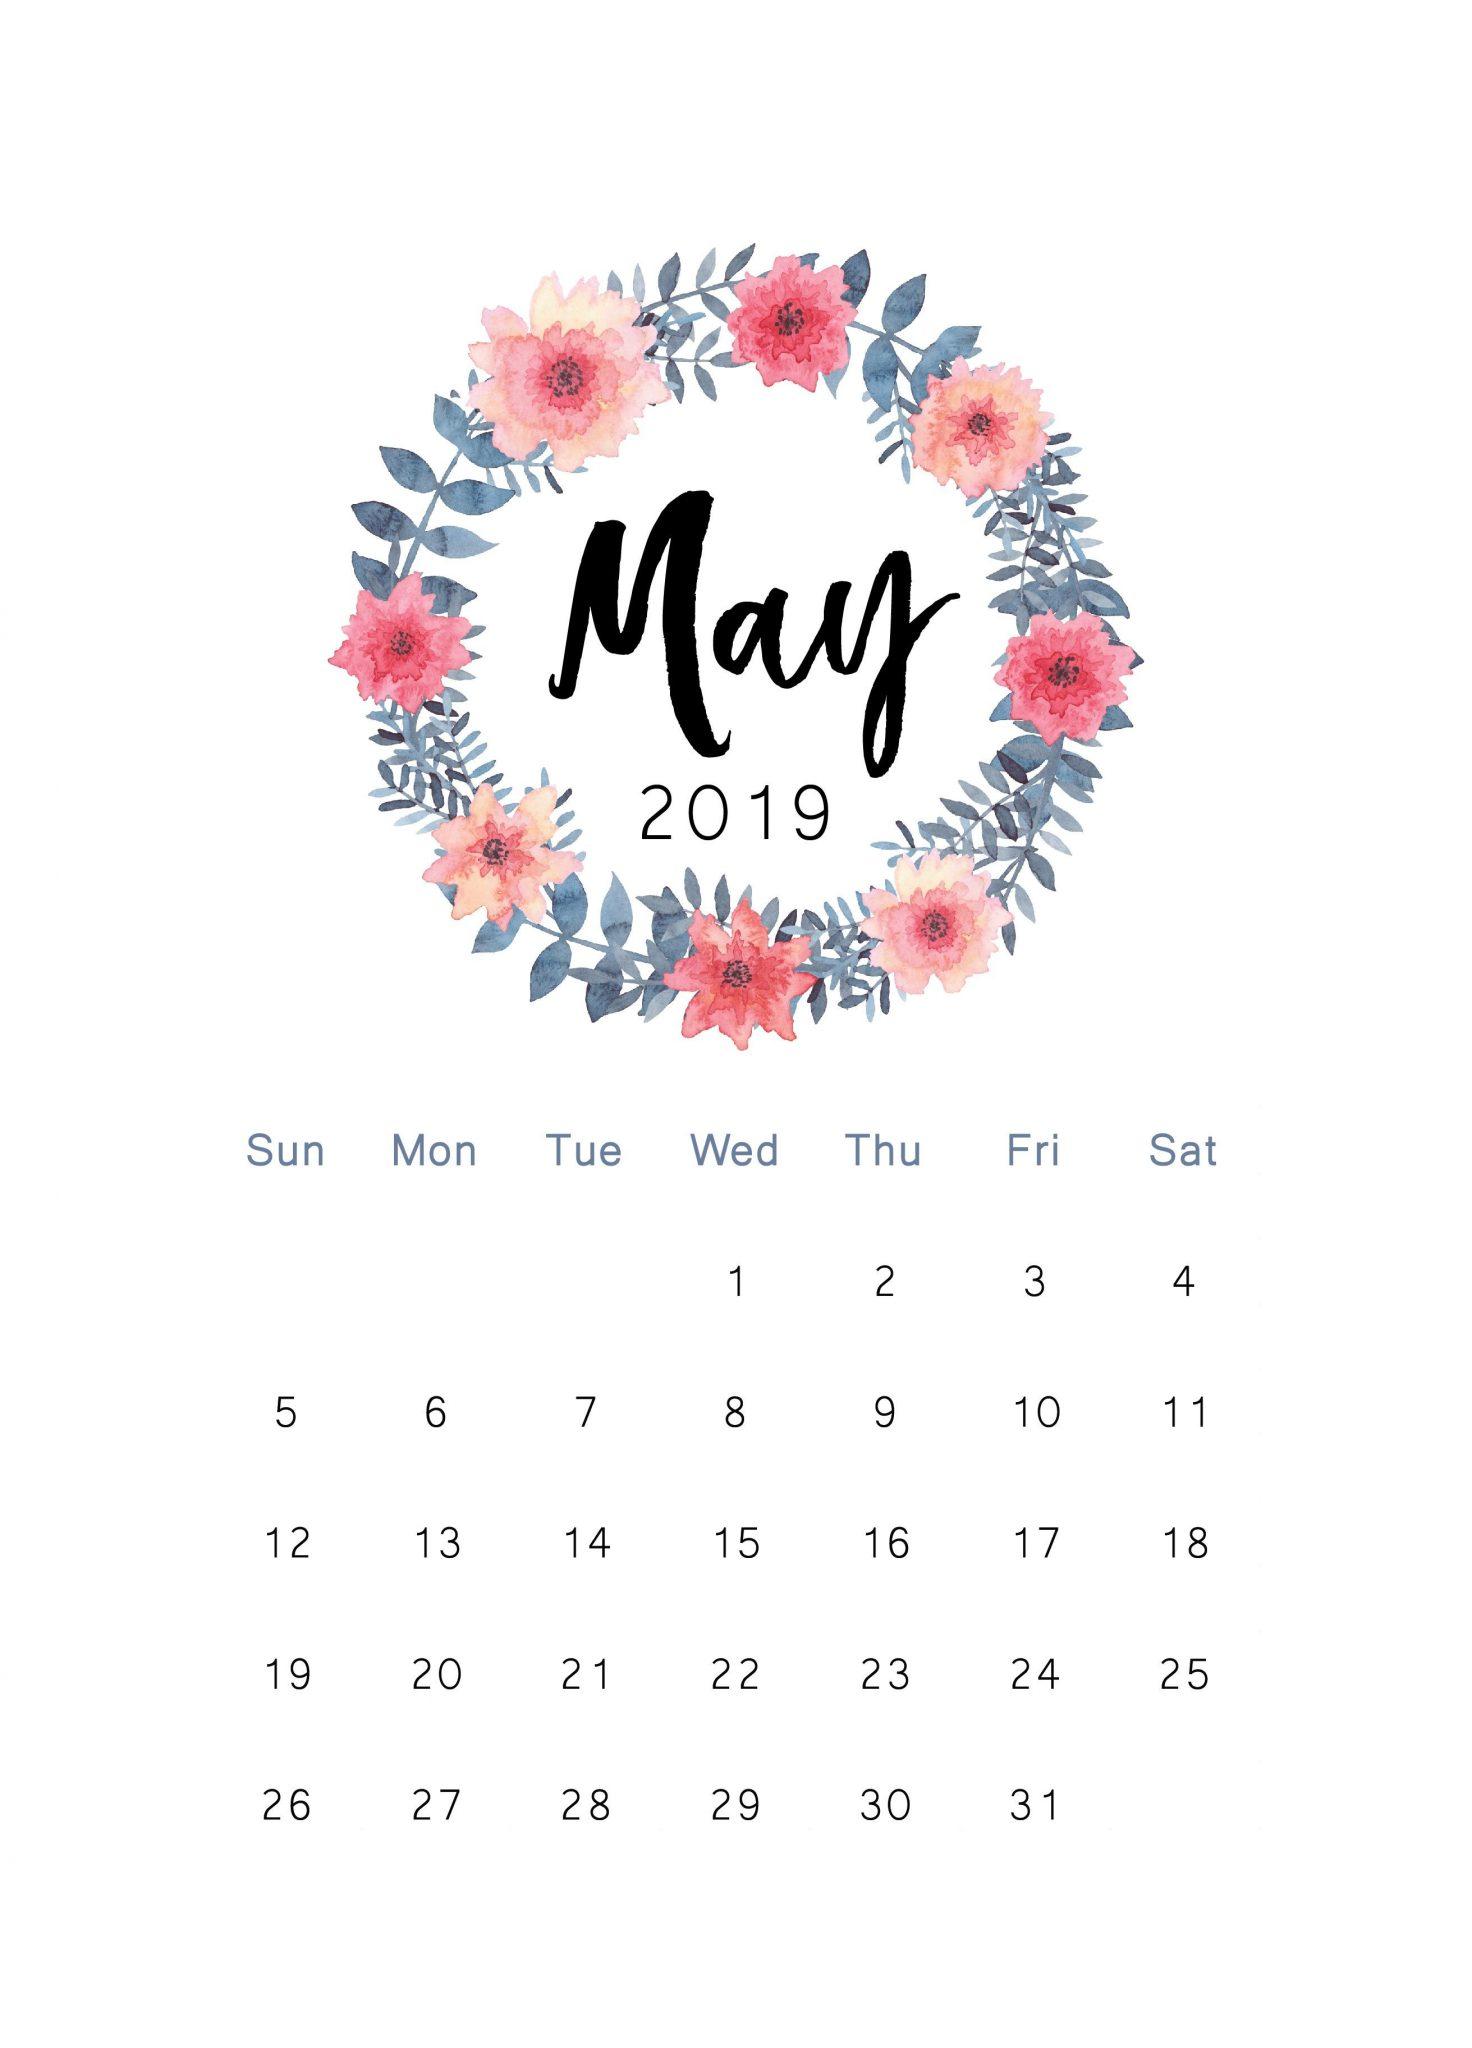 May 2019 printable calendar wallpaper